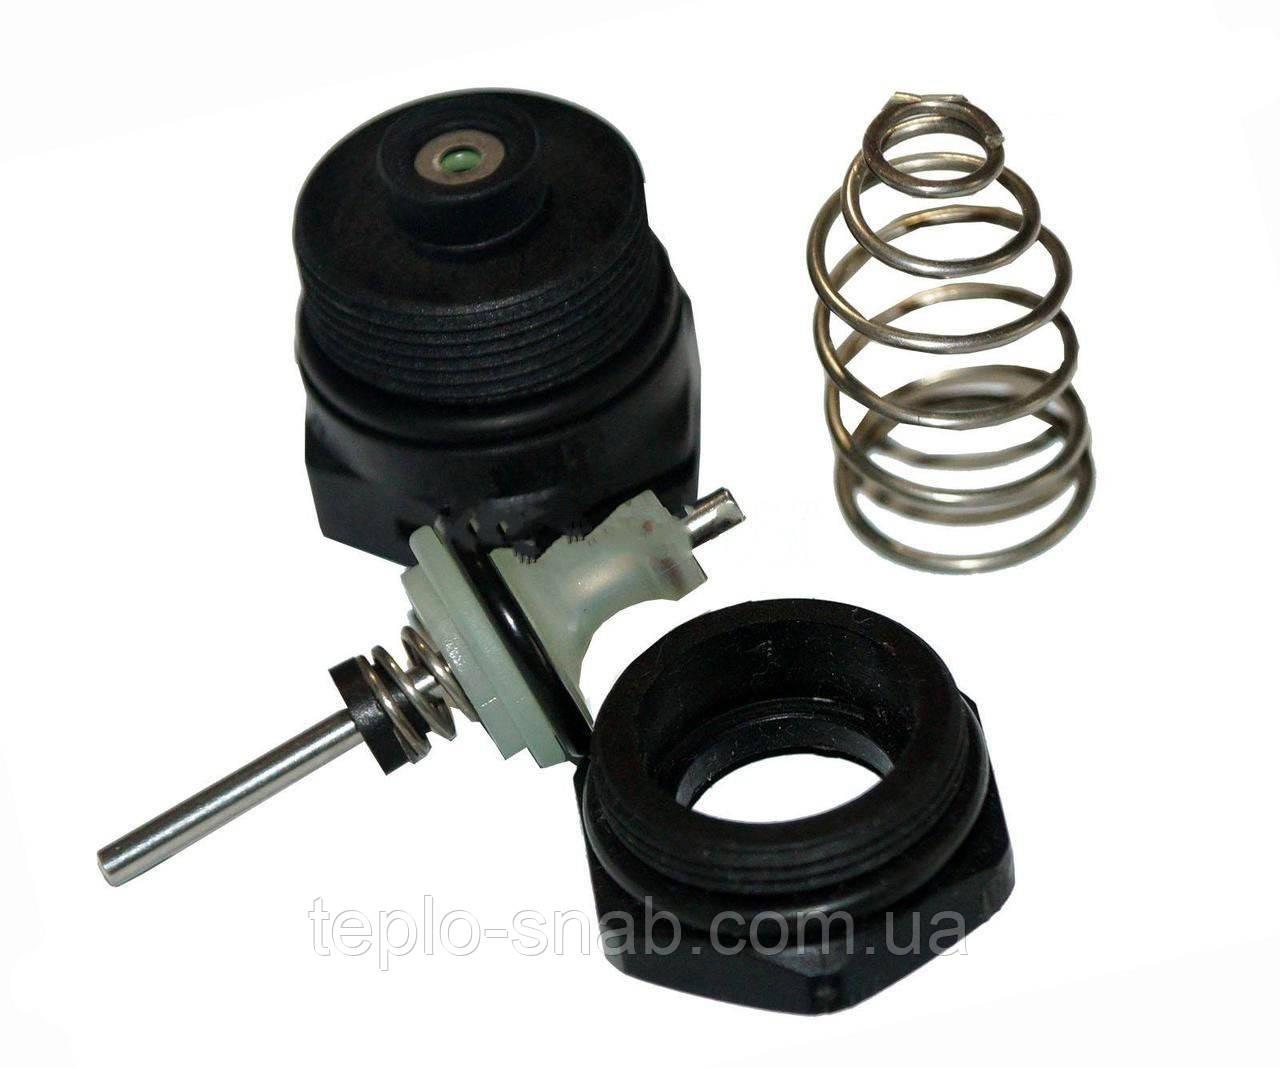 Ремкомплект (втулка со штоком) 3-х ходового клапана Protherm Lynx 24/28 kW D003202760. 0020118778